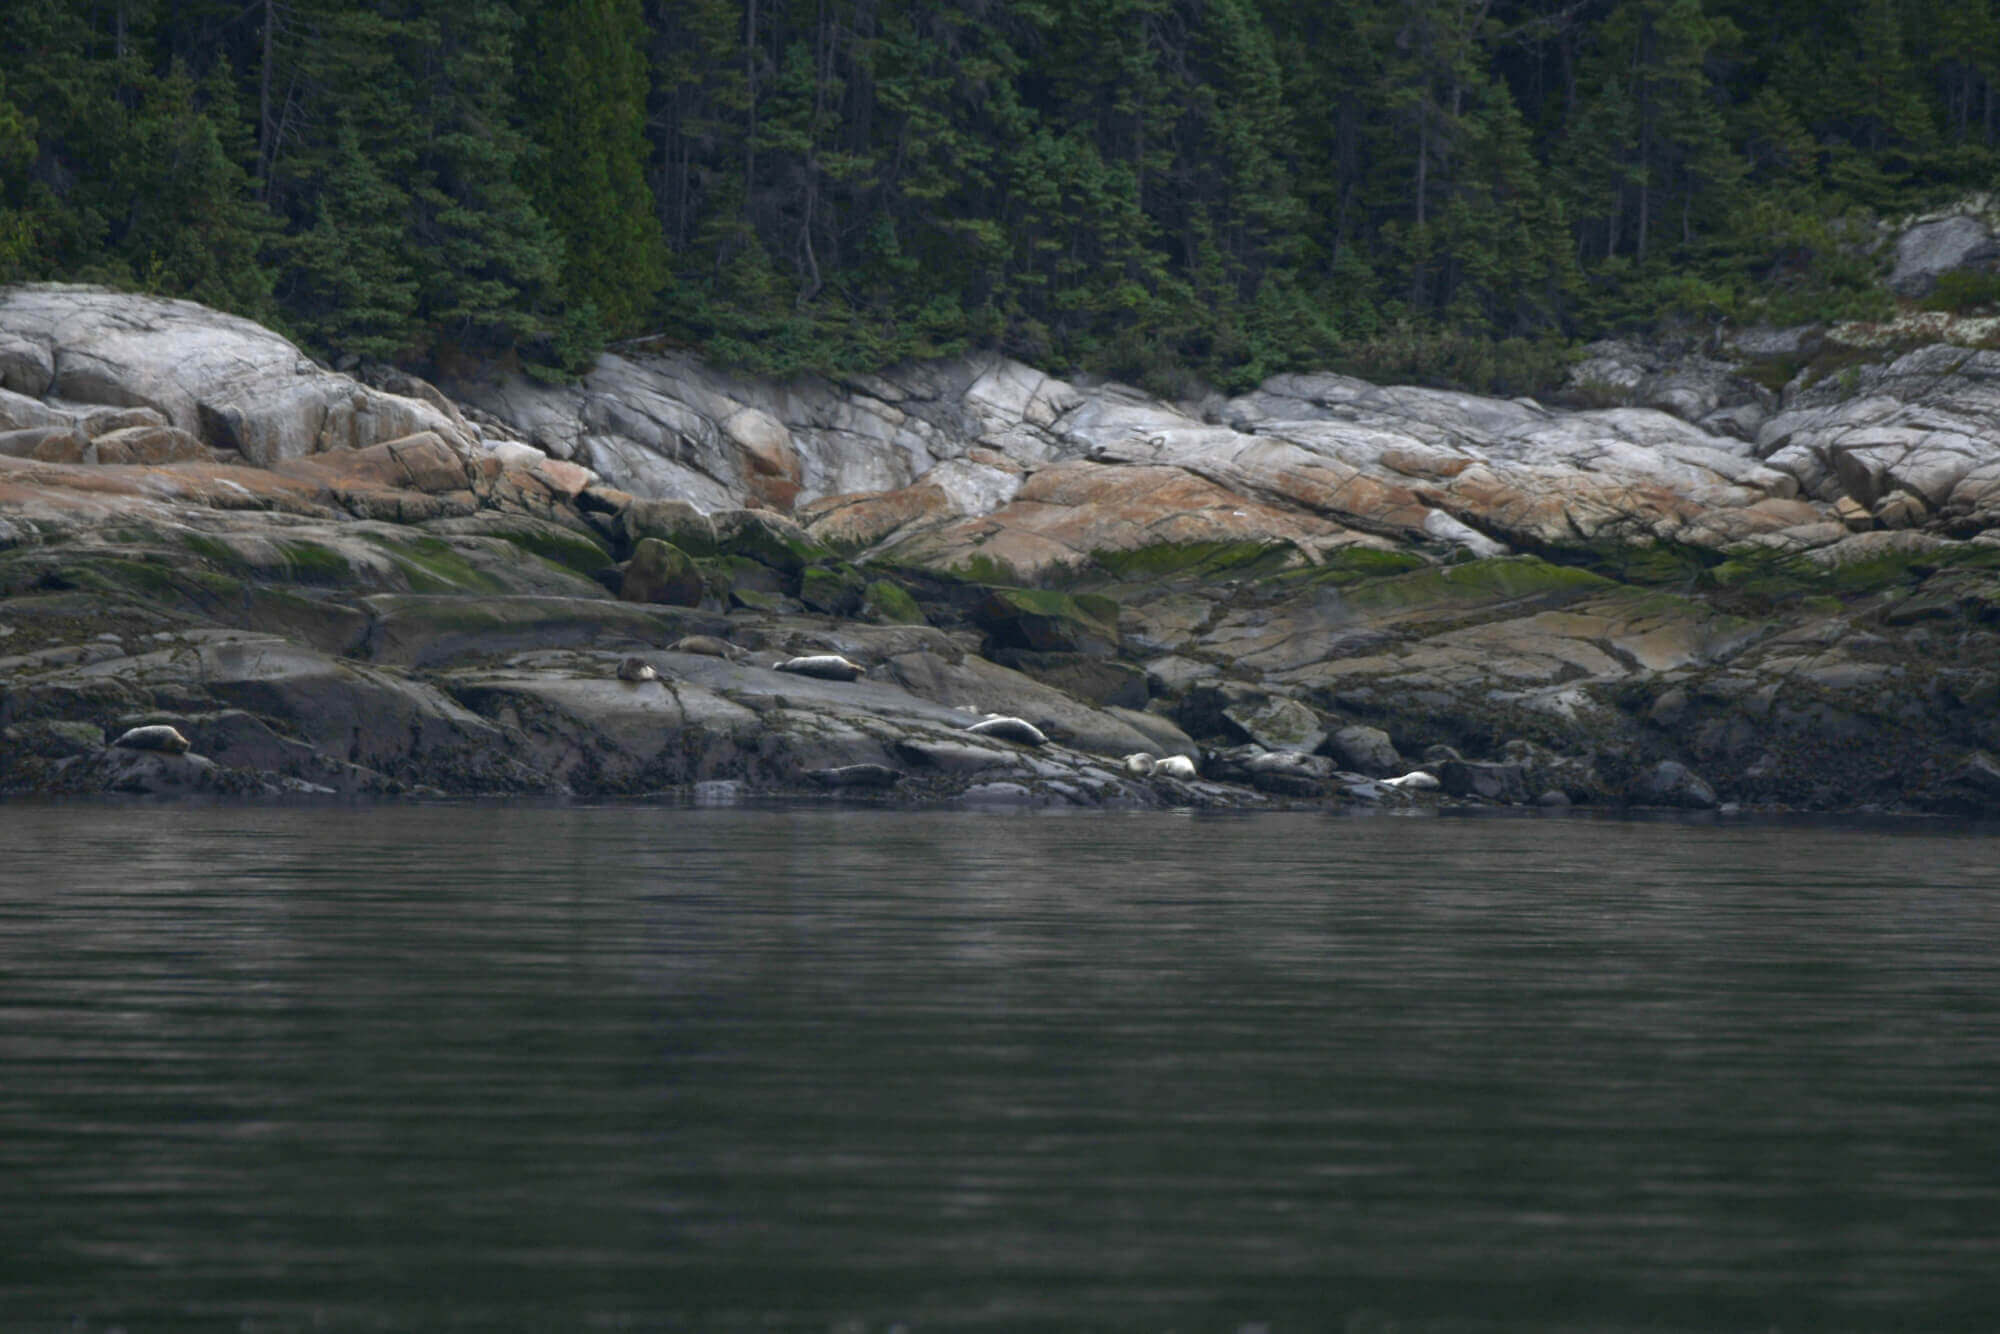 phoques communs se laissant sécher sur des rochers